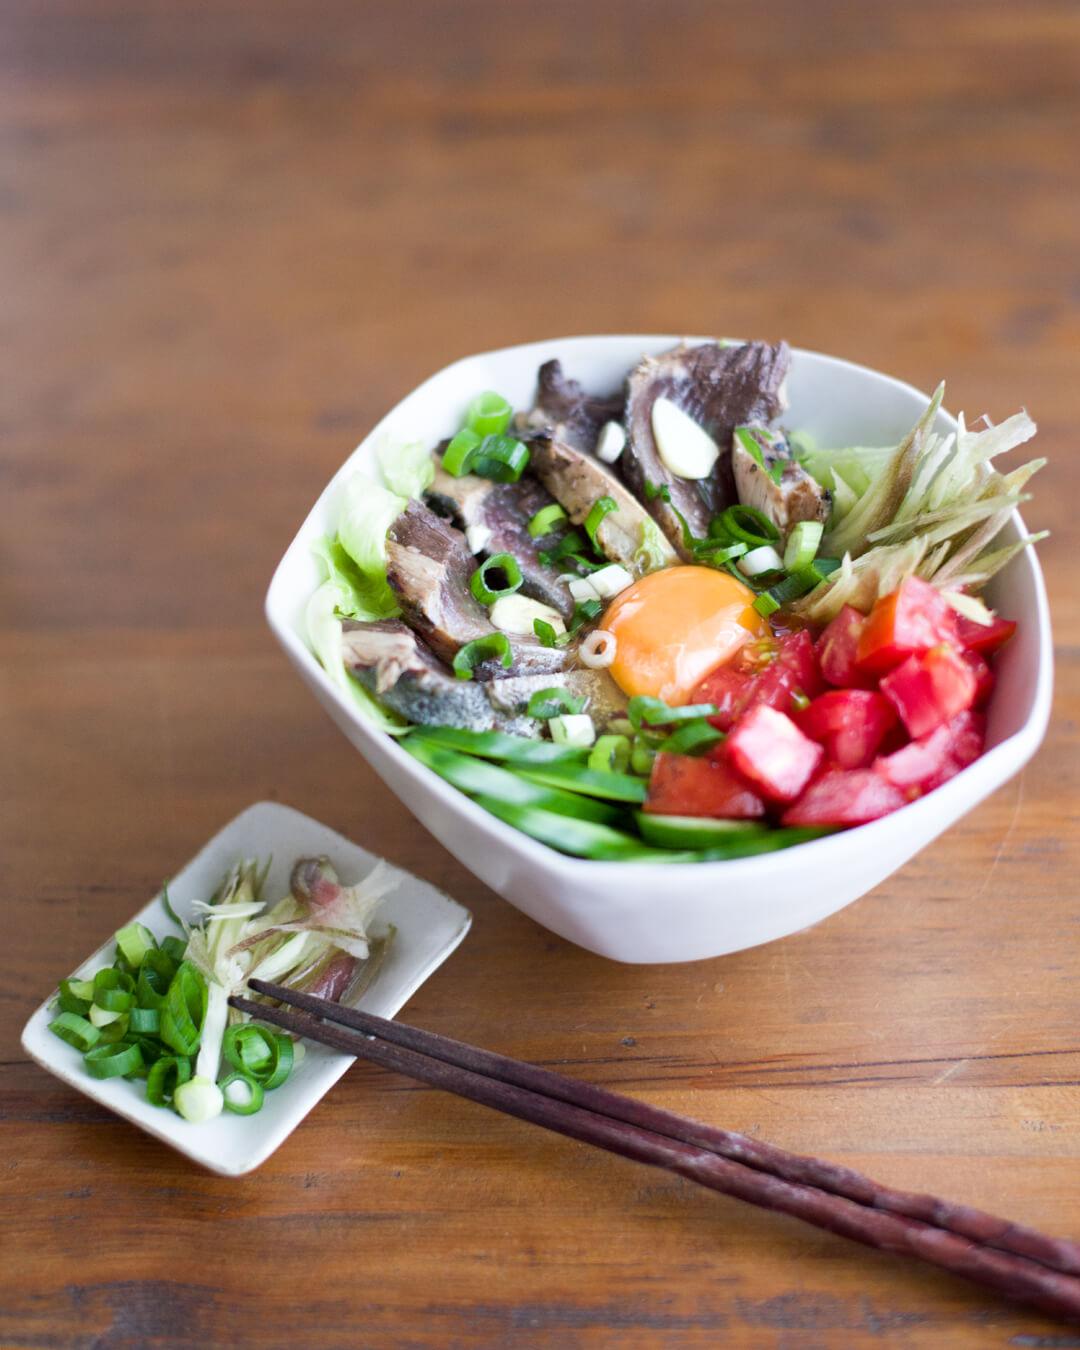 カツオのたたき丼 夏野菜たっぷり 3